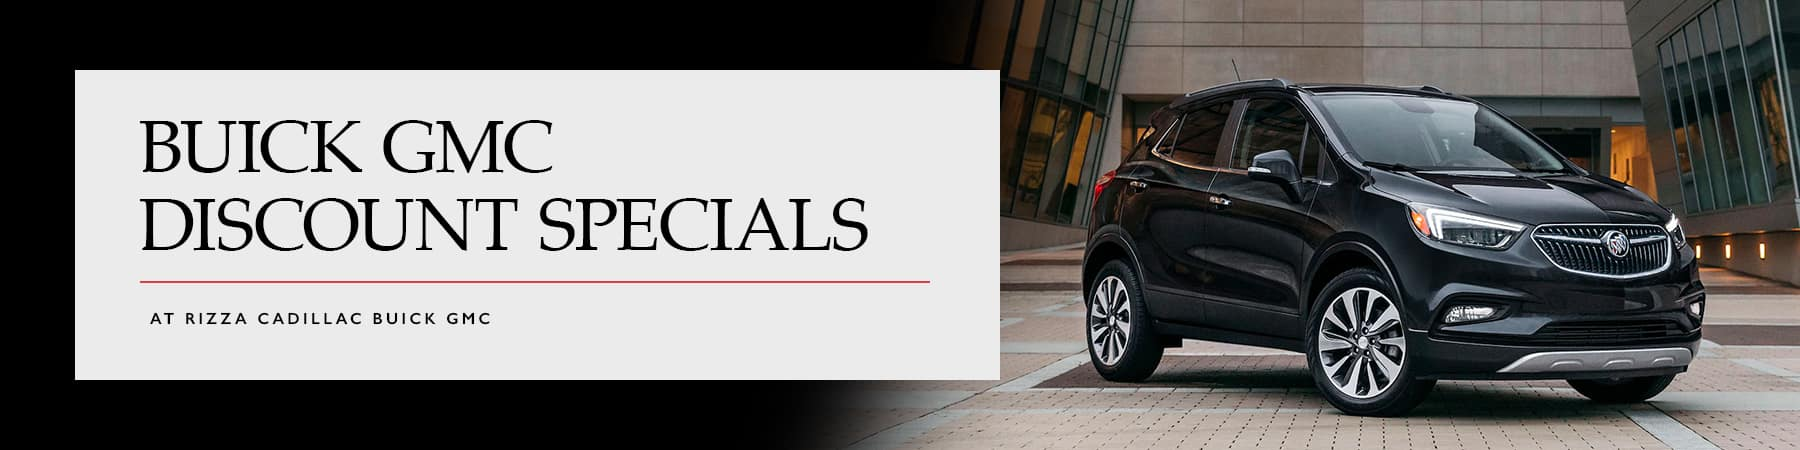 Rizza Buick GMC Discount Specials Chicago, IL